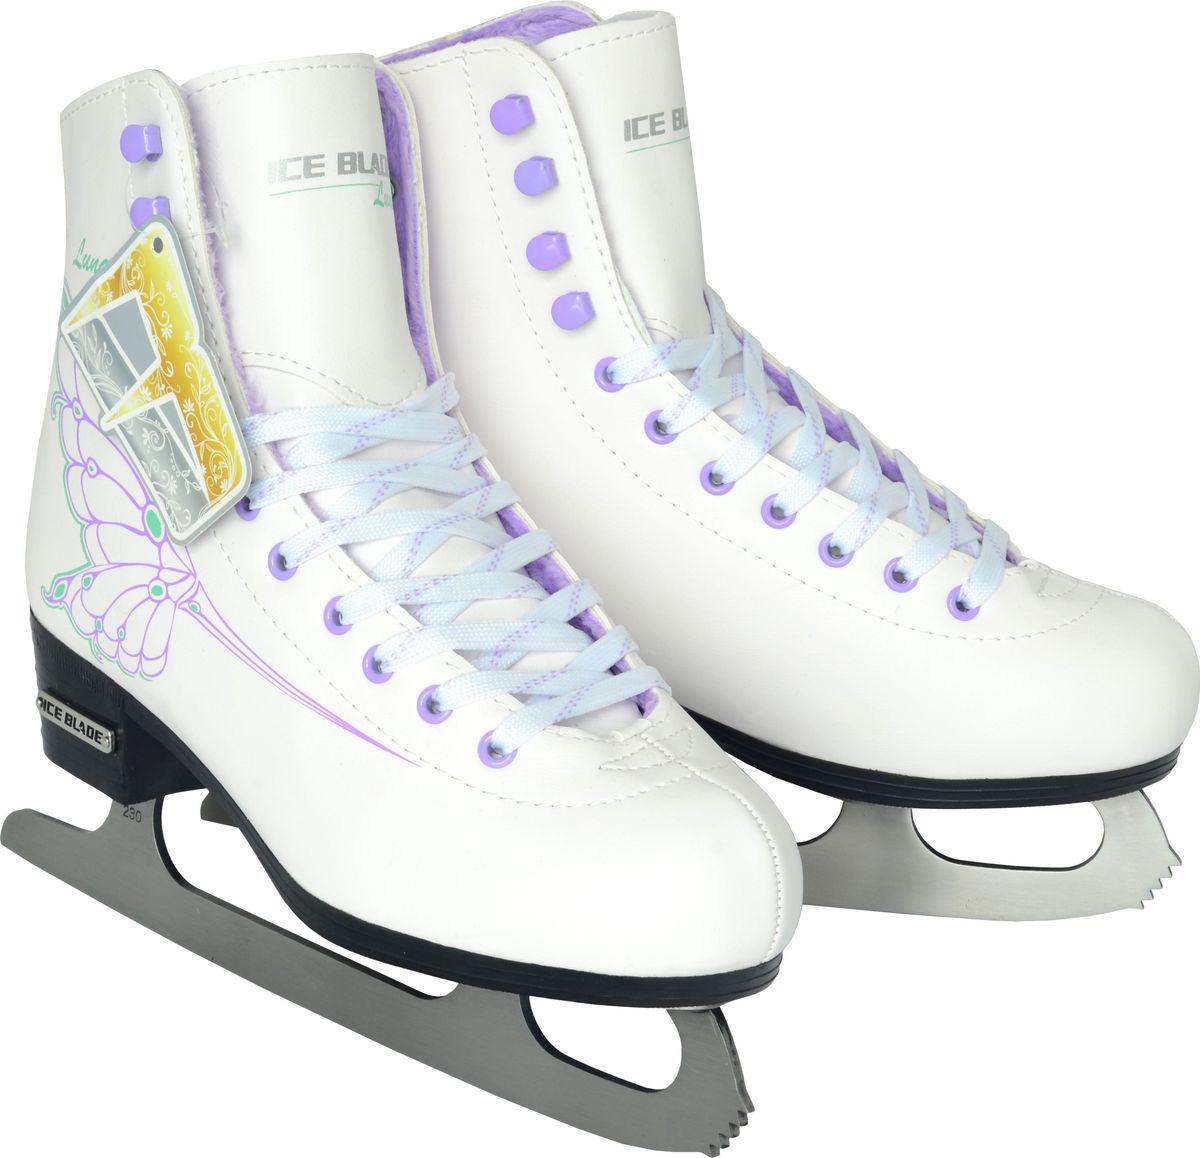 Коньки фигурные для девочки Ice Blade Luna, цвет: белый. Размер 30